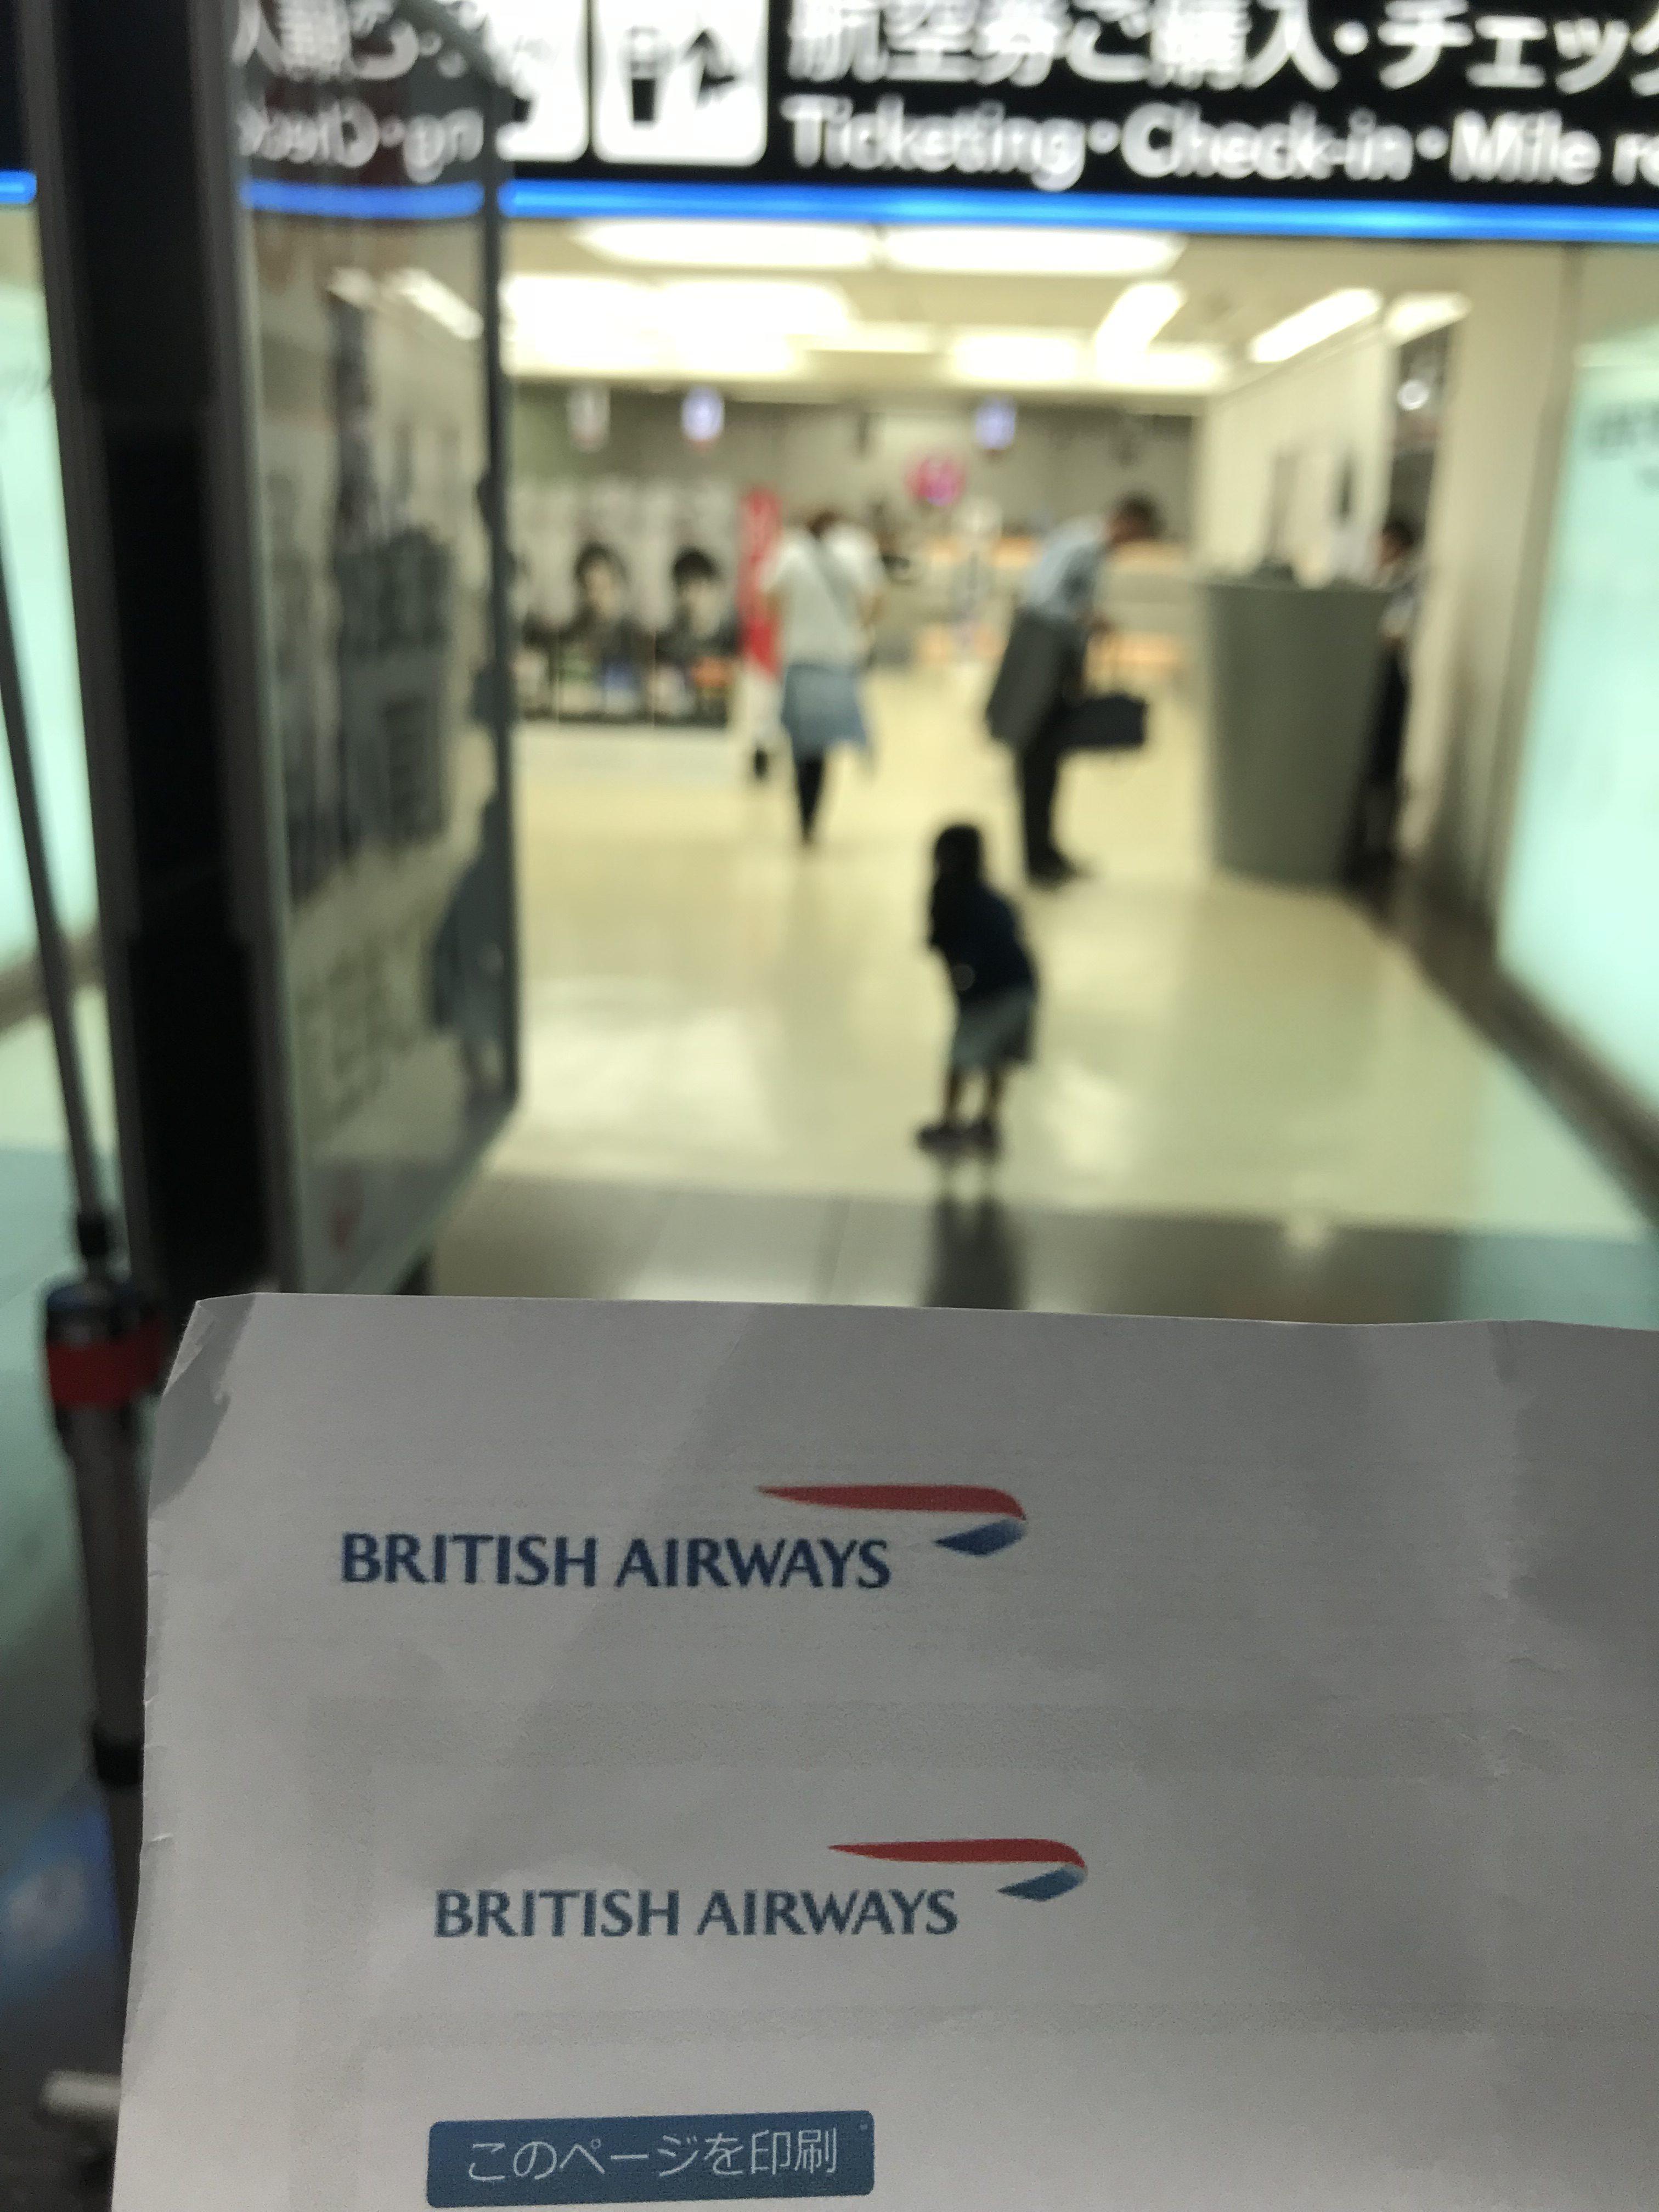 ブリティッシュ・エアウェイズ(BA)のマイル(Avios)のJAL国内線搭乗手続き